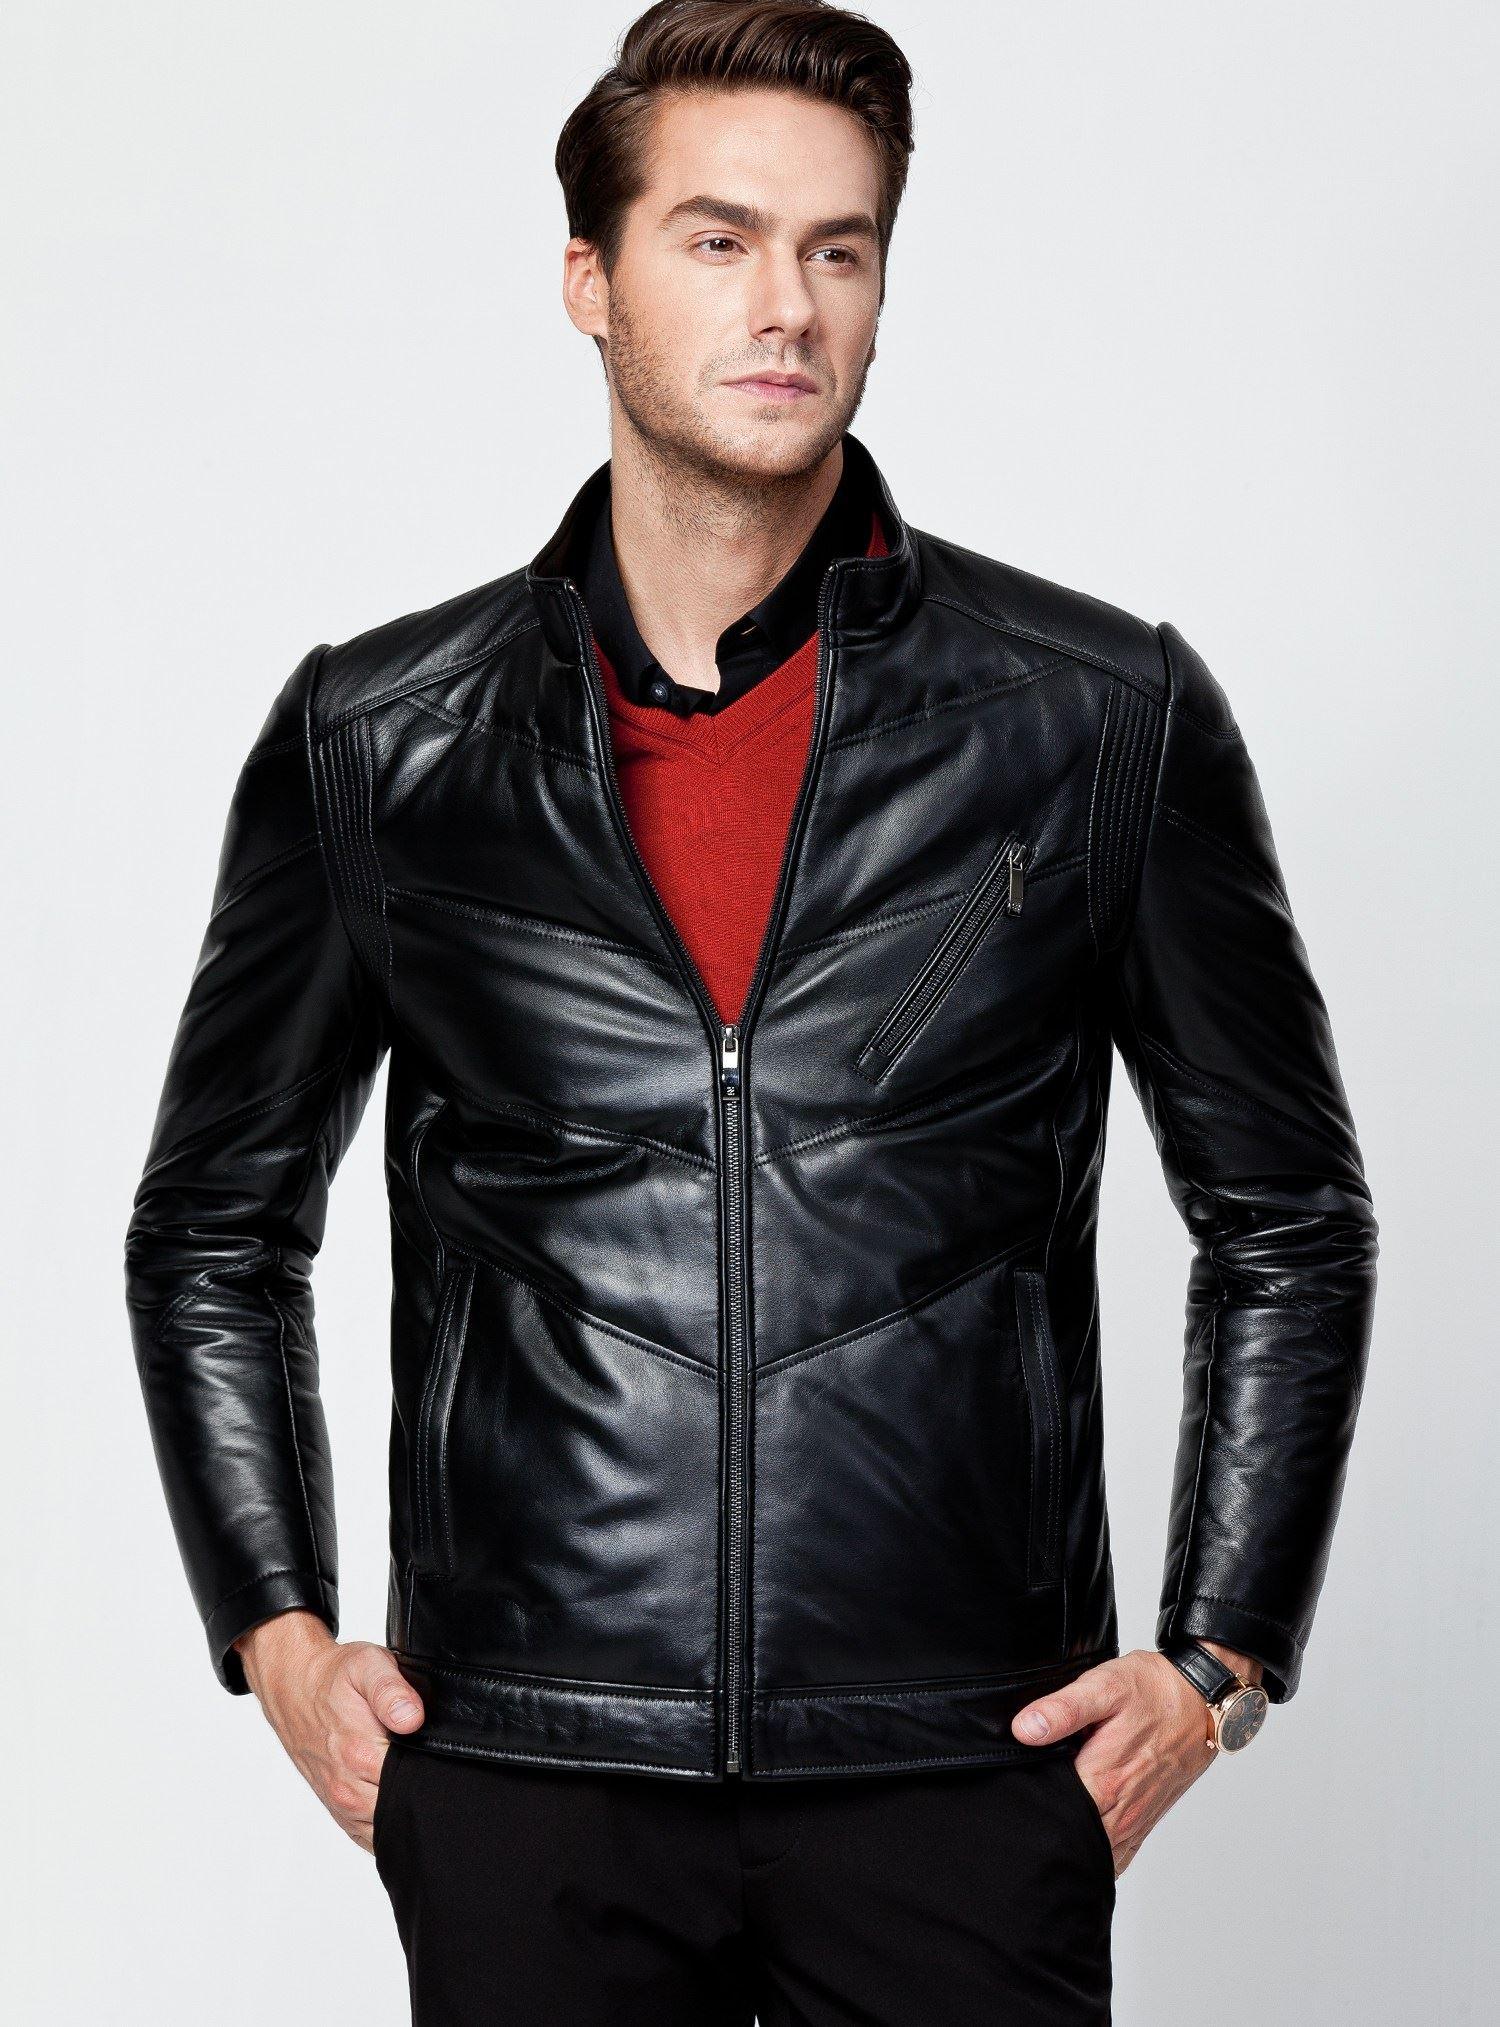 蒙蒂埃莫品位雅致绵羊皮革常规版男士羽绒皮衣